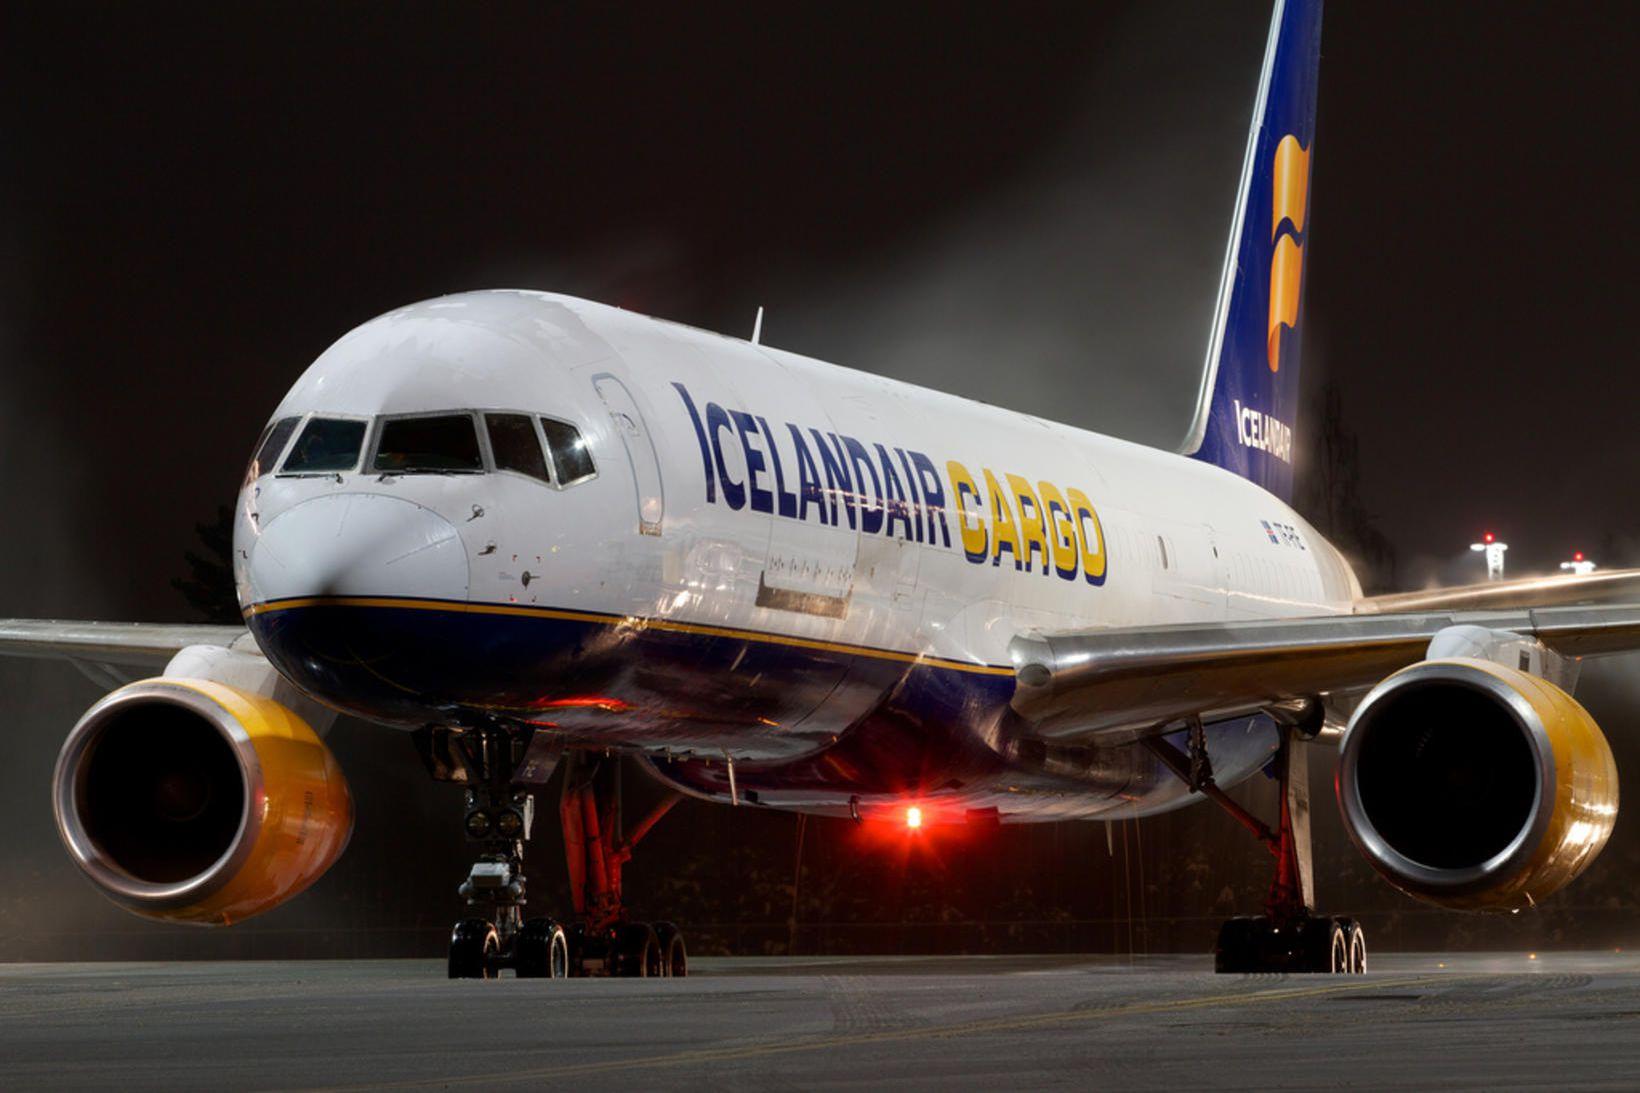 Icelandair Cargo mun annast alla flutninga fyrir FedEx og TNT …